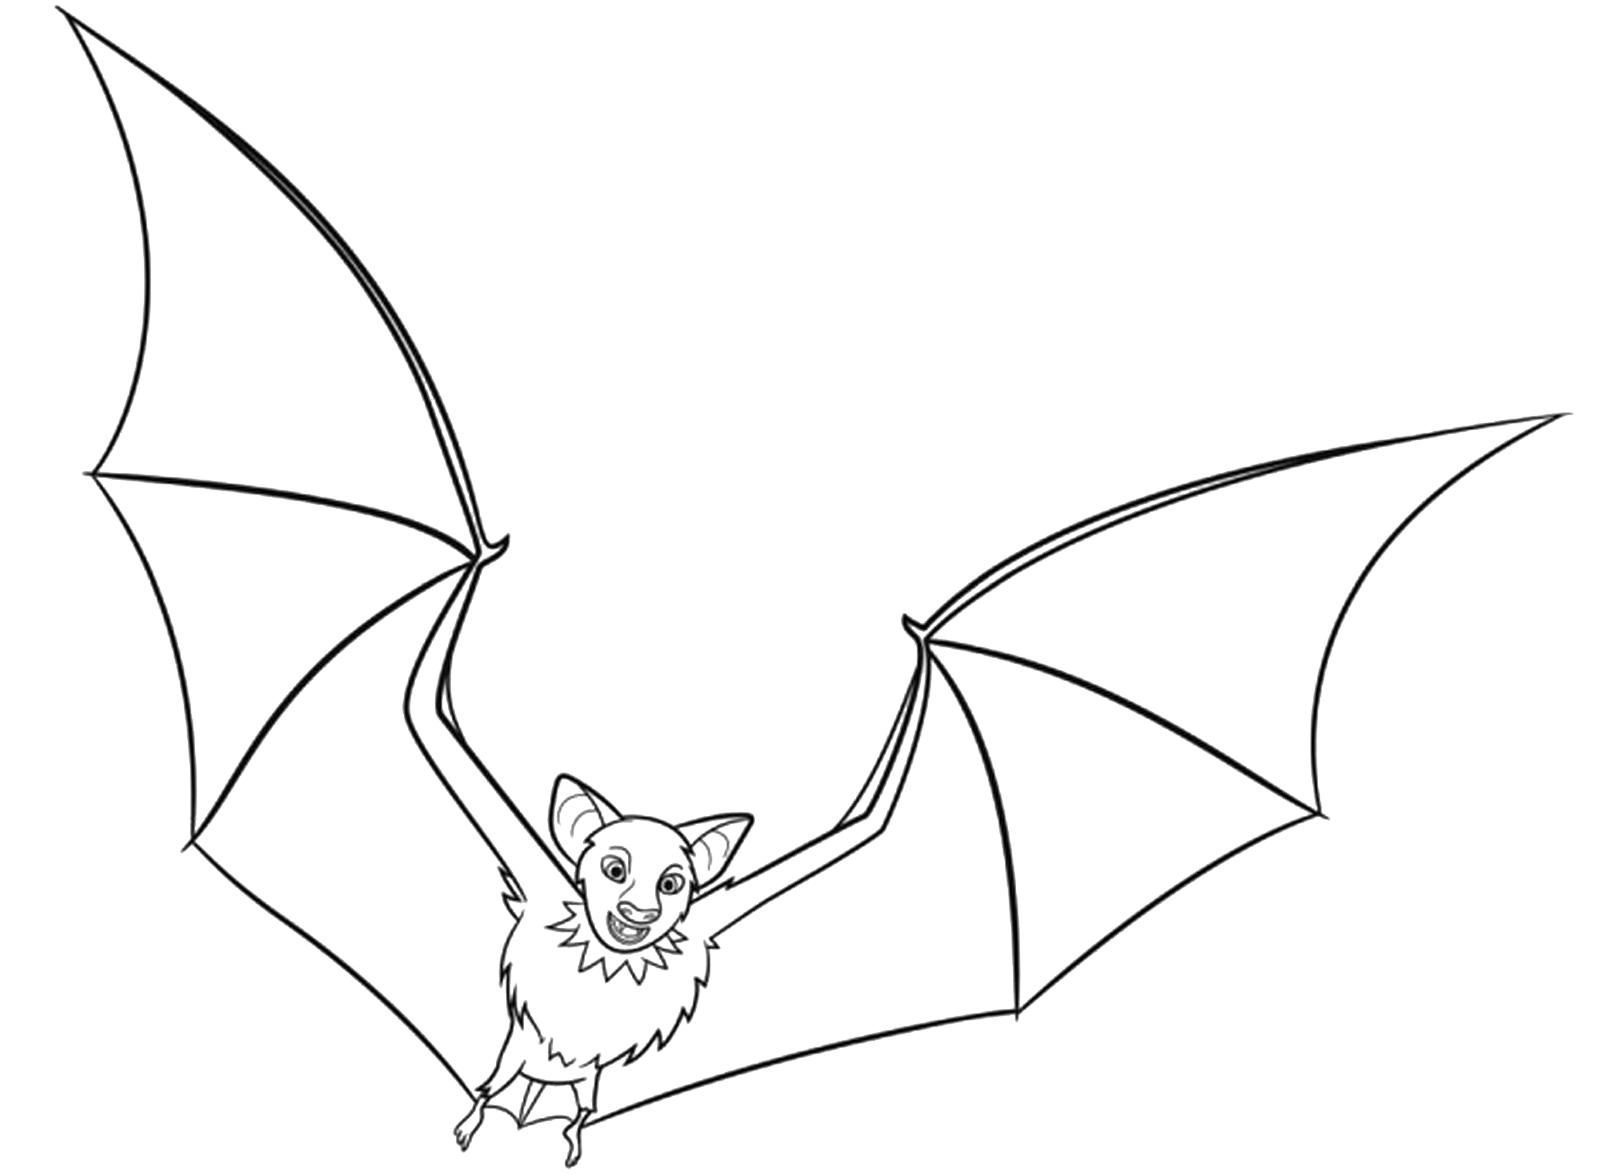 Hotel transylvania il conte dracula trasformato in un - Immagini pipistrello da stampare ...